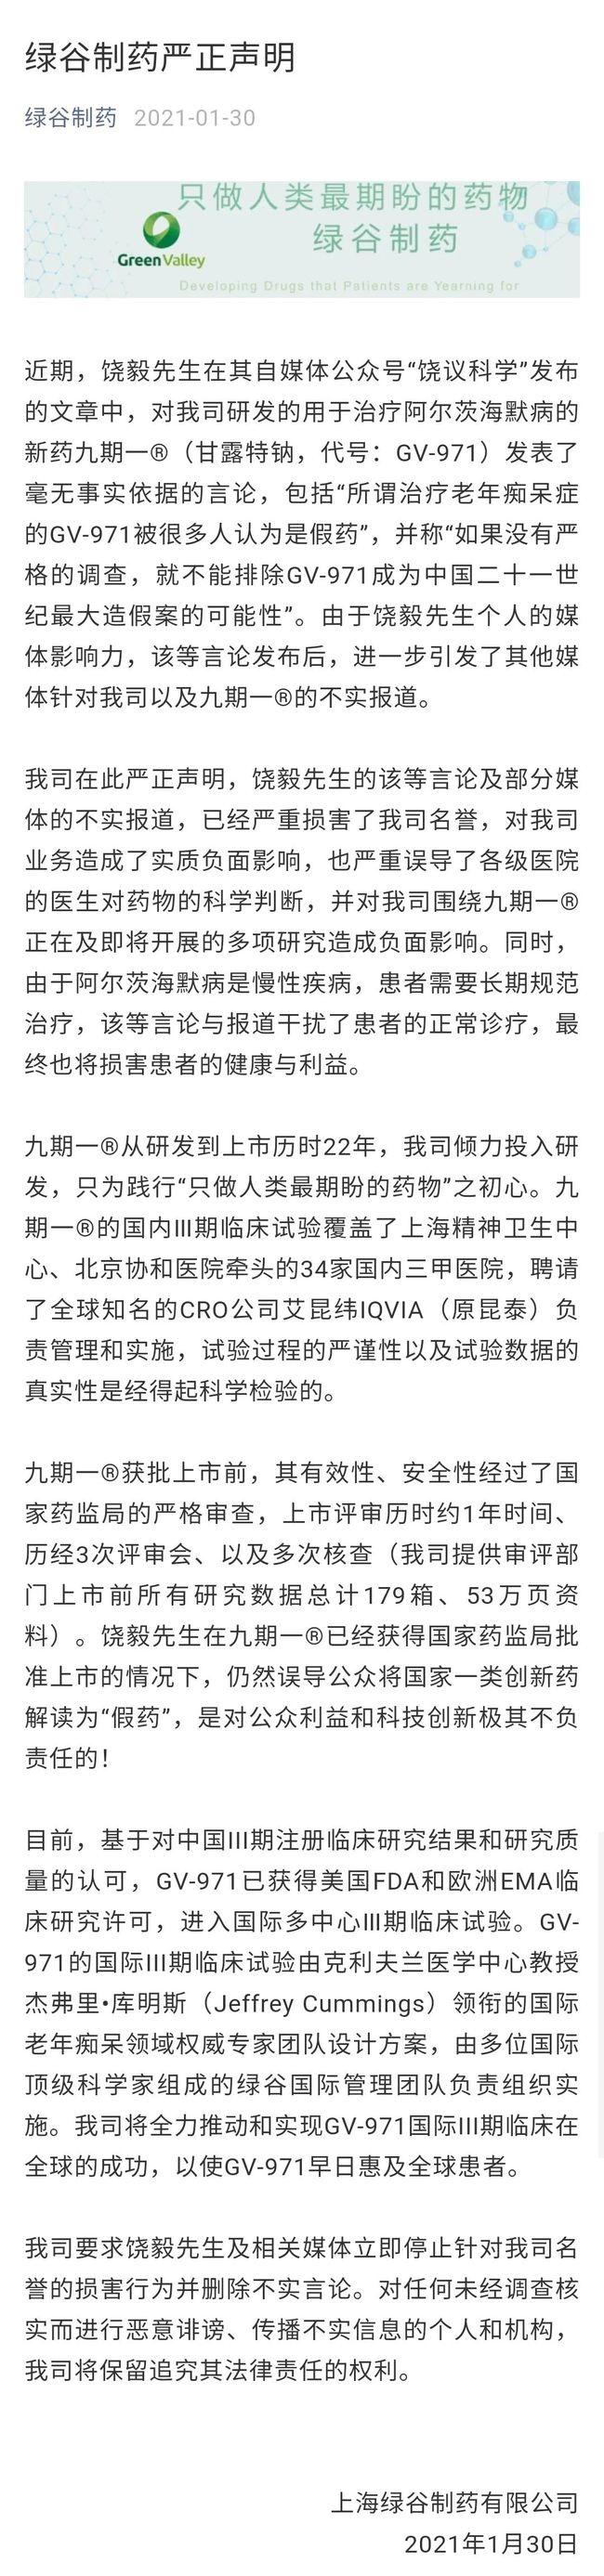 """绿谷制药回应饶毅质疑""""九期一"""""""